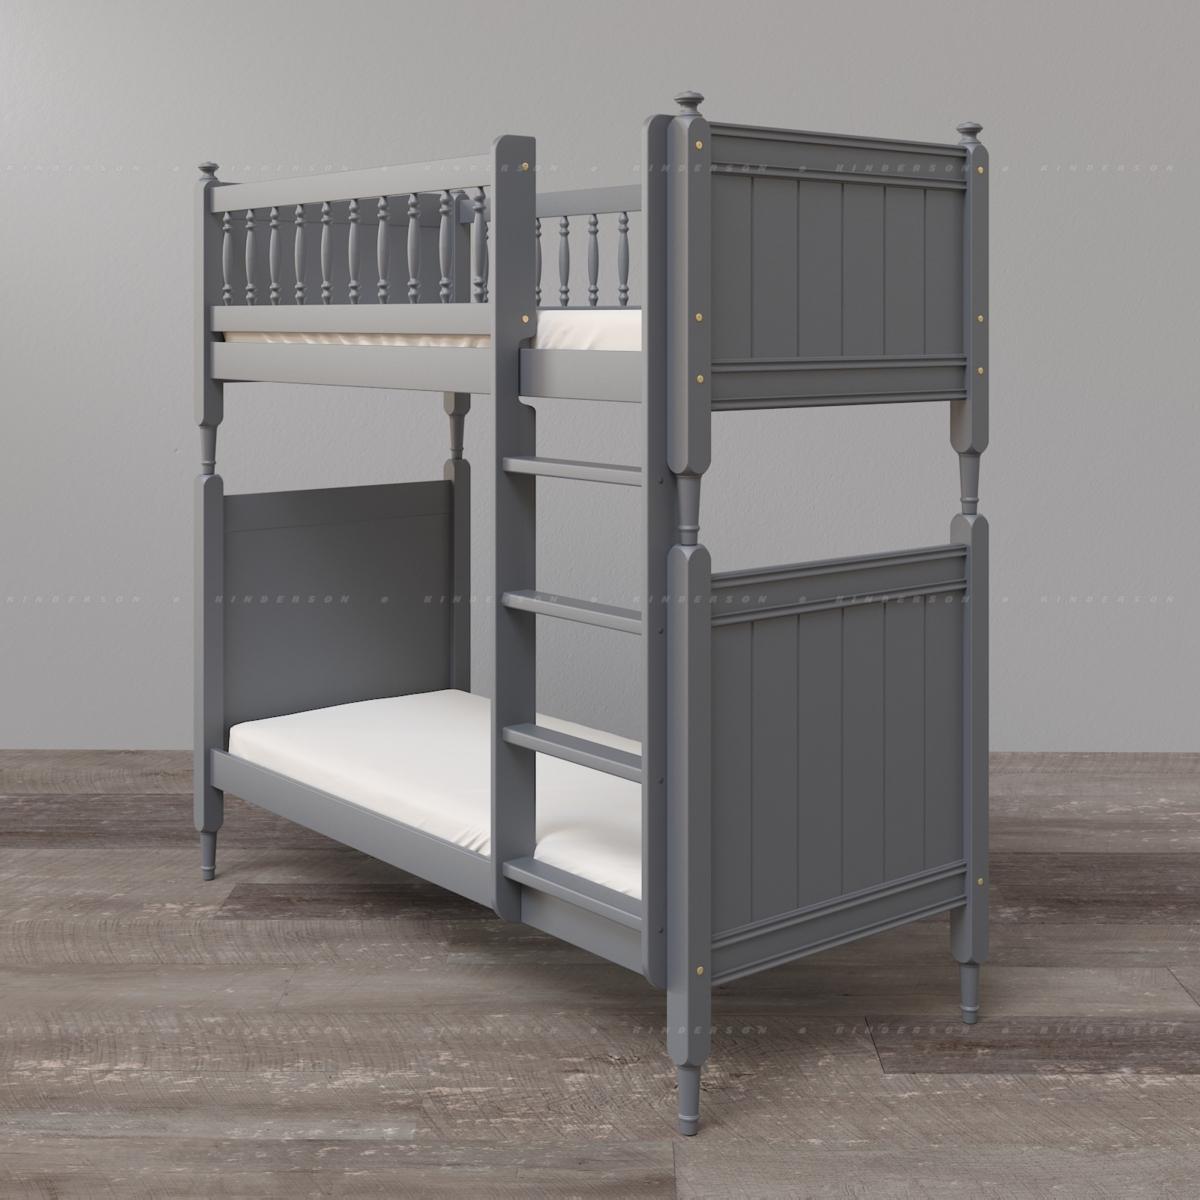 Высокая двухъярусная кровать из массива бука для подростков. Базовая комплектация.